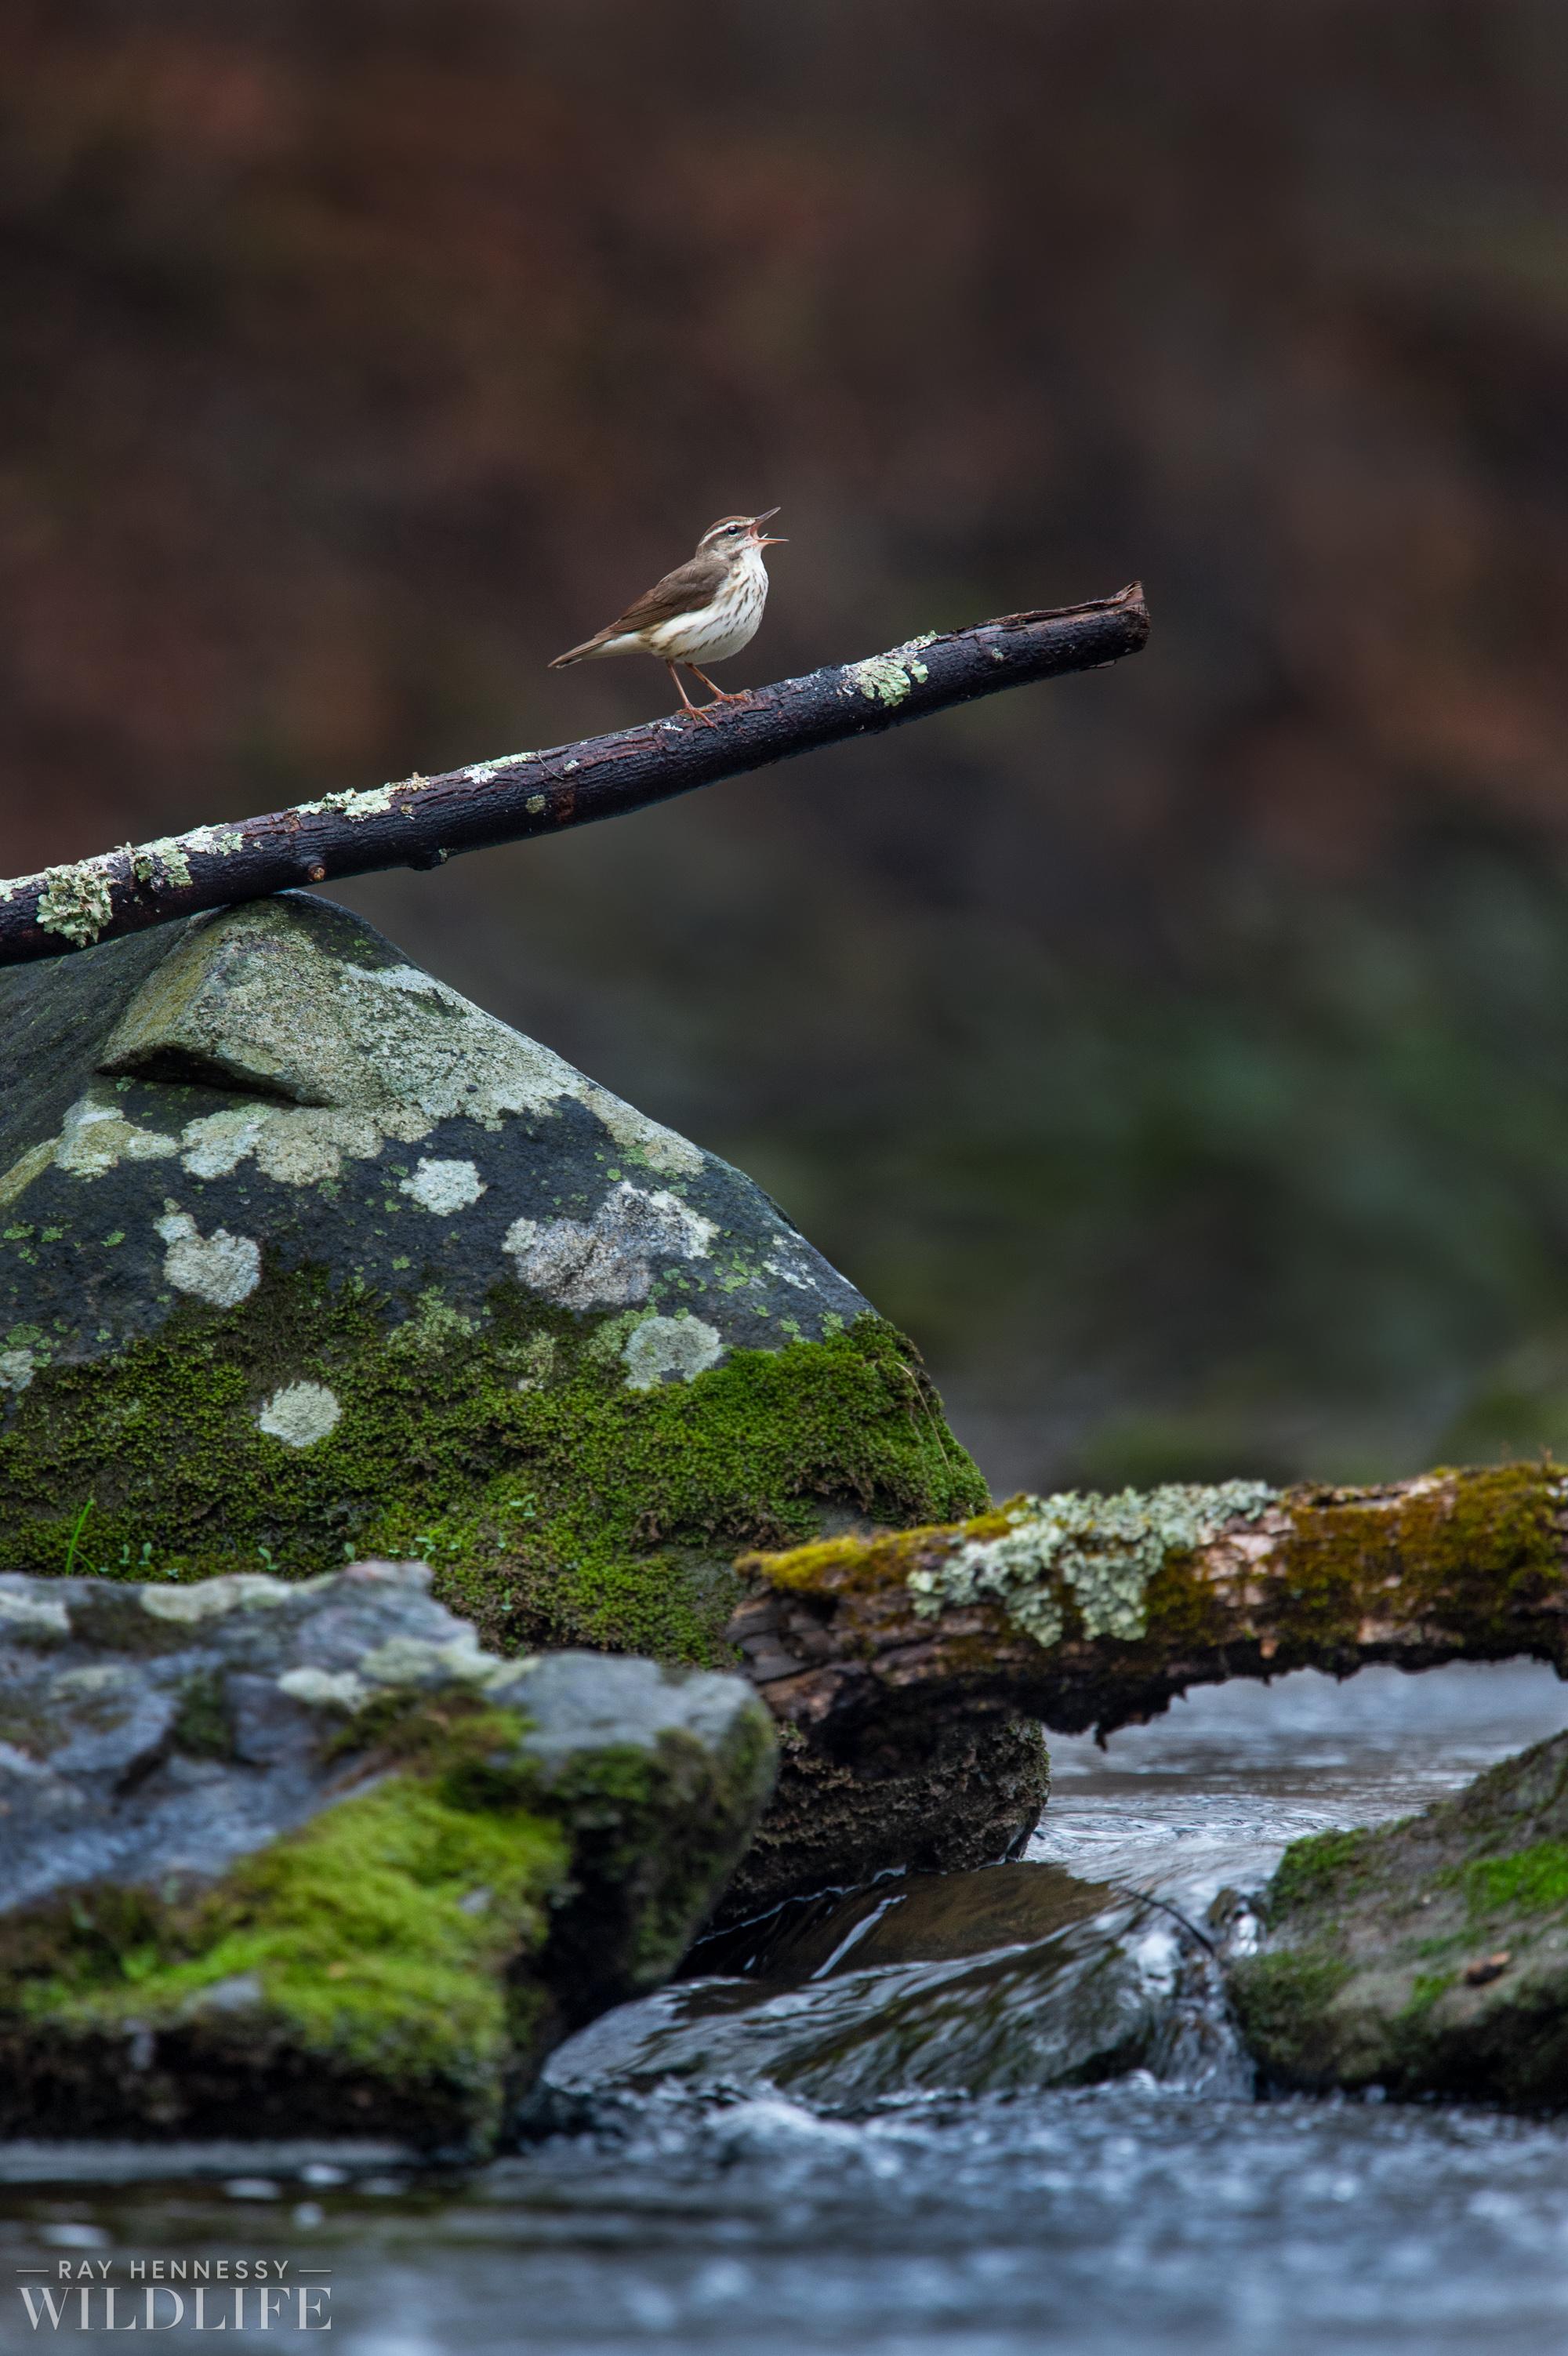 002_louisiana-waterthrush-pine-warbler.jpg